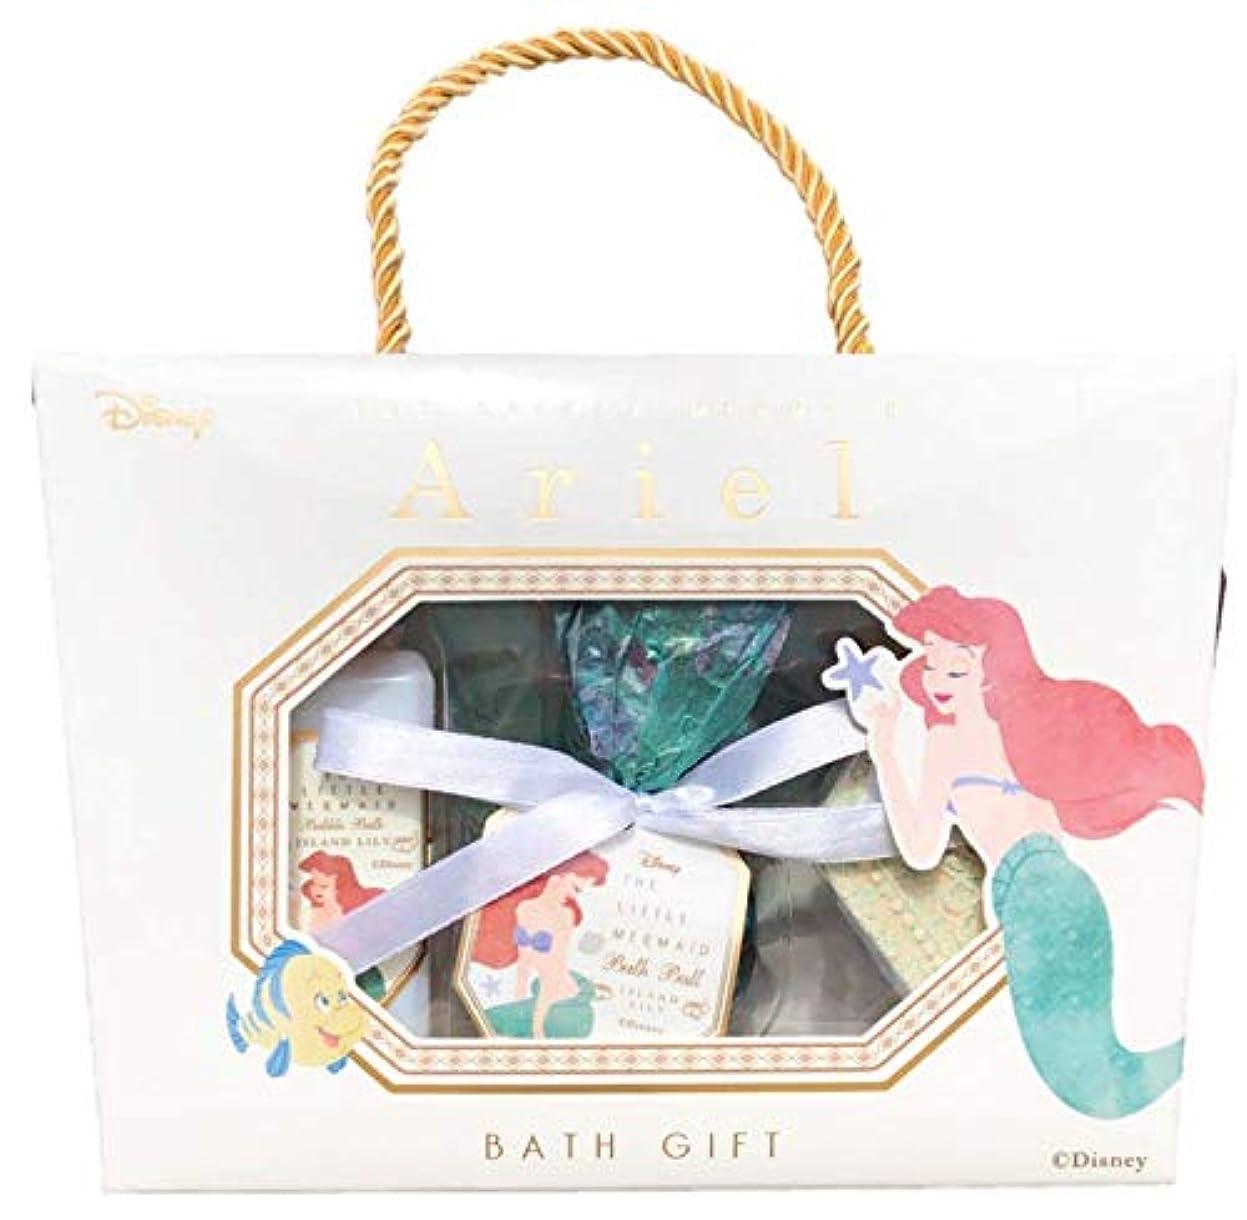 ドアお嬢伝説ディズニー(Disney)SHO-BI バスギフトM ギフトセット アリエル ディズニープリンセス リトルマーメイド 入浴剤 ギフト バスギフトセット プレゼント 大人 女の子 かわいい Ariel